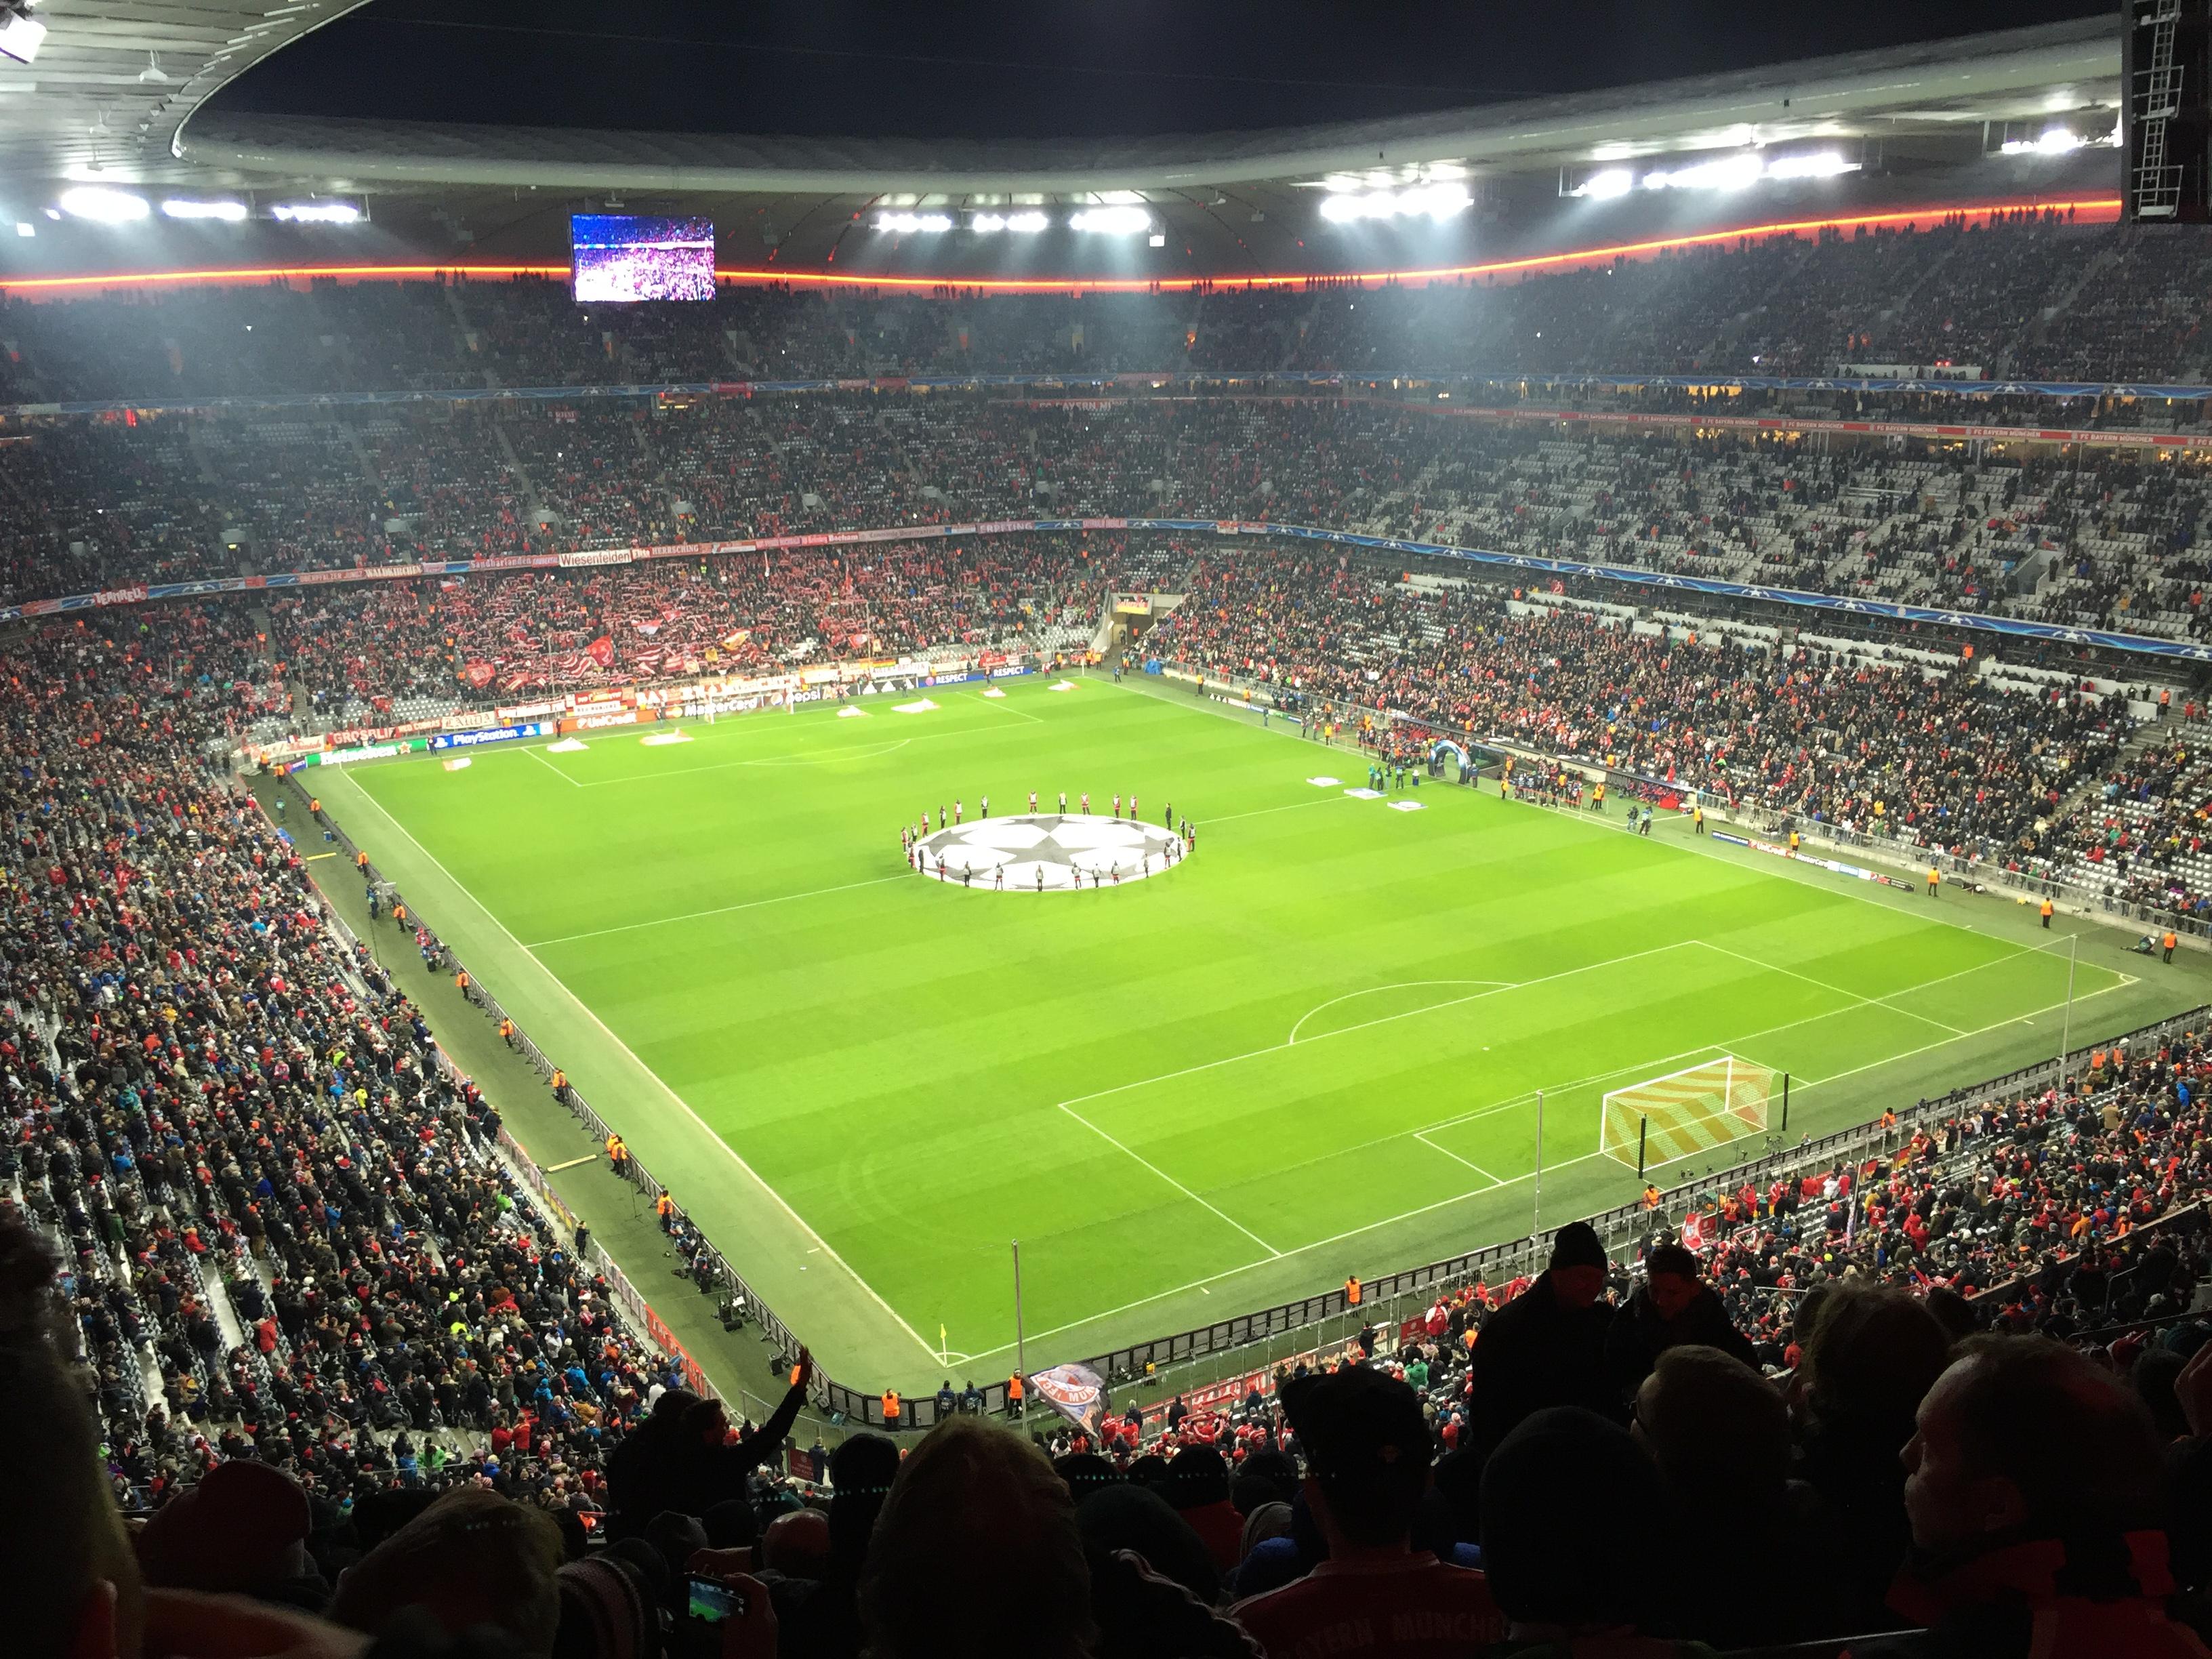 Es Ist Bald Wieder Soweit: Beim Public Viewing An Die FIFA-Lizenz Denken!